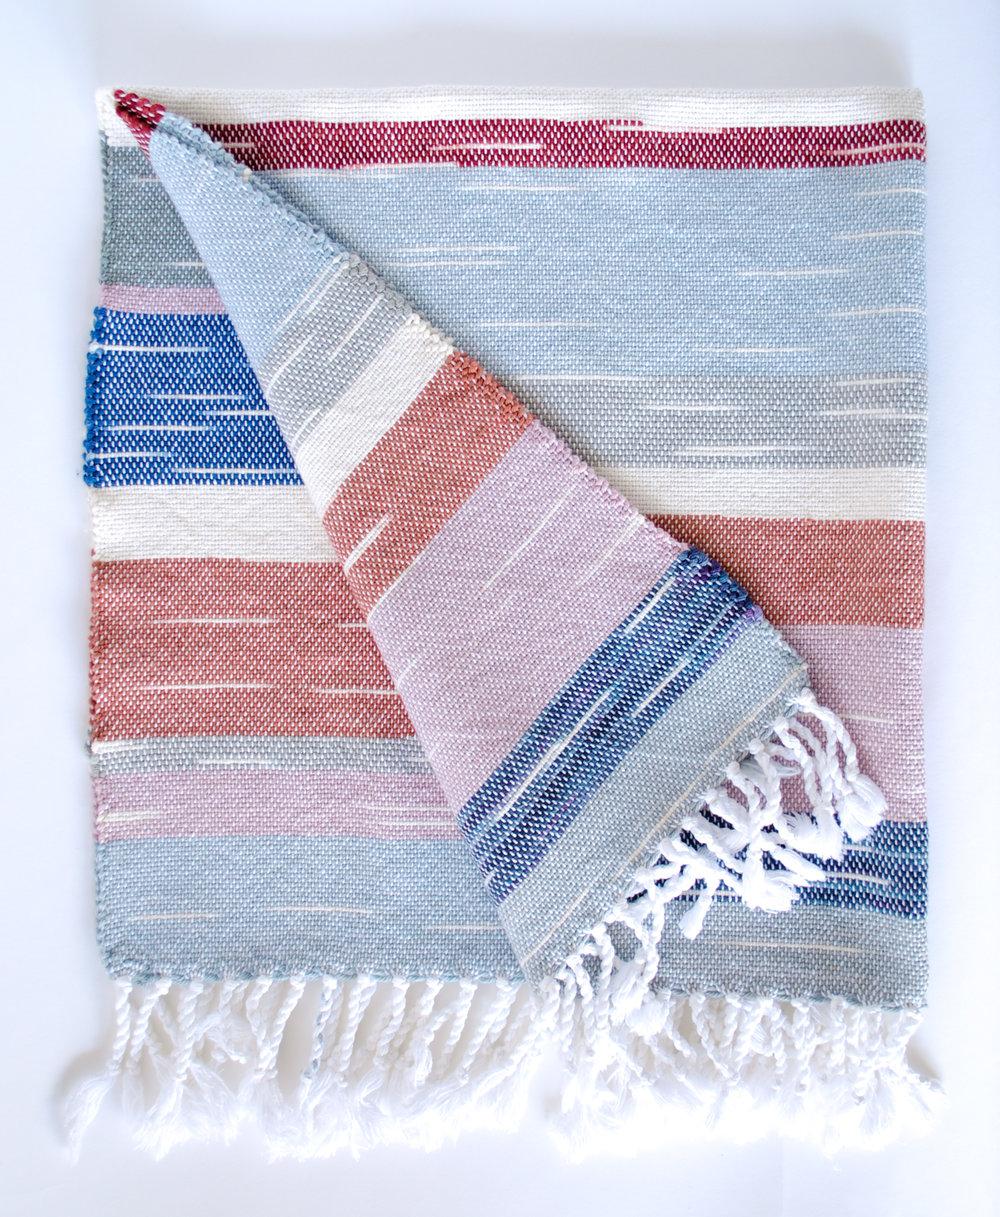 Handdyed_Handwoven_Striped_Blanket.JPG